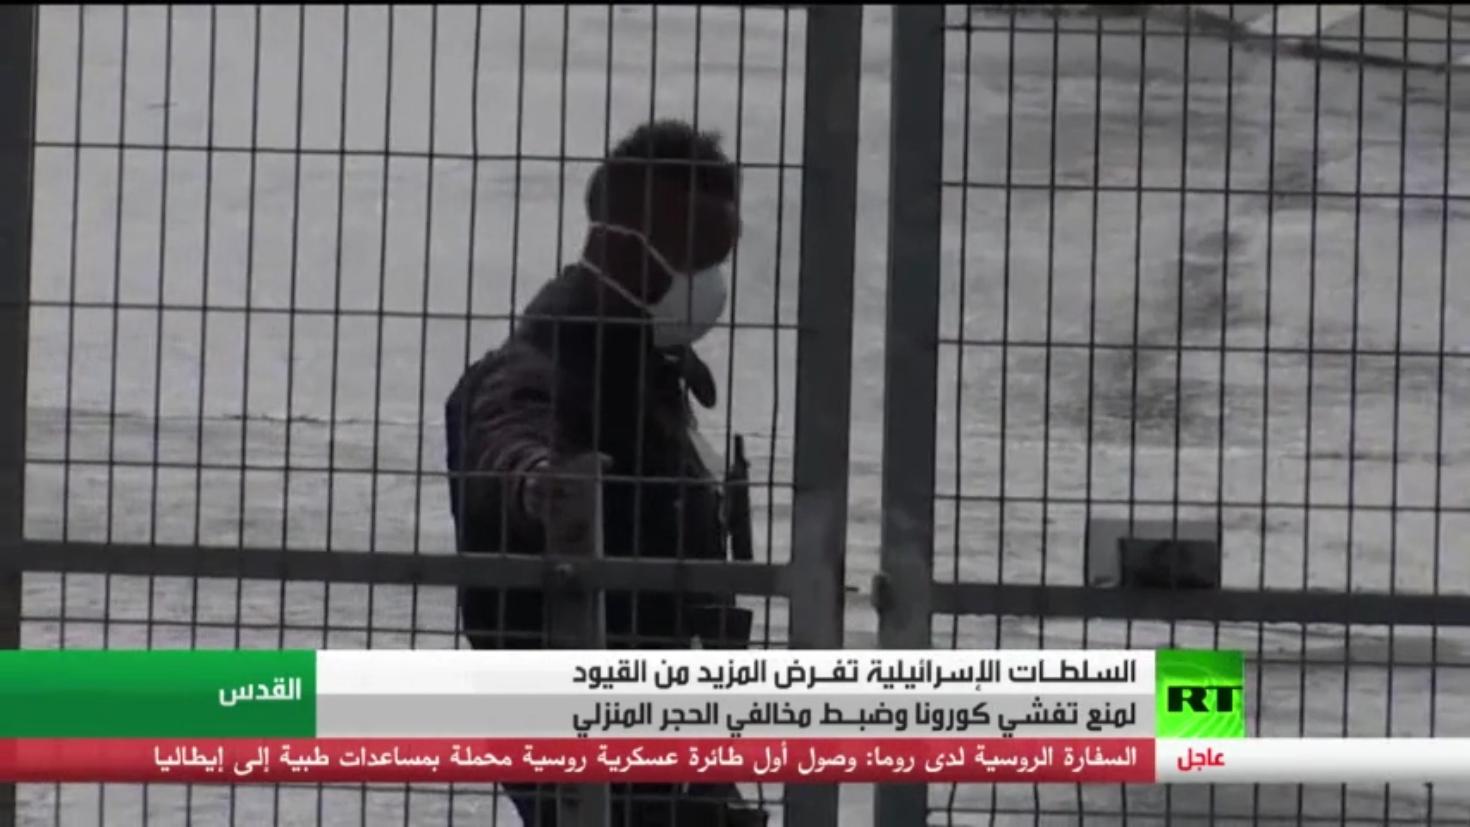 مزيد من القيود على الإسرائيليين لوقف كورونا